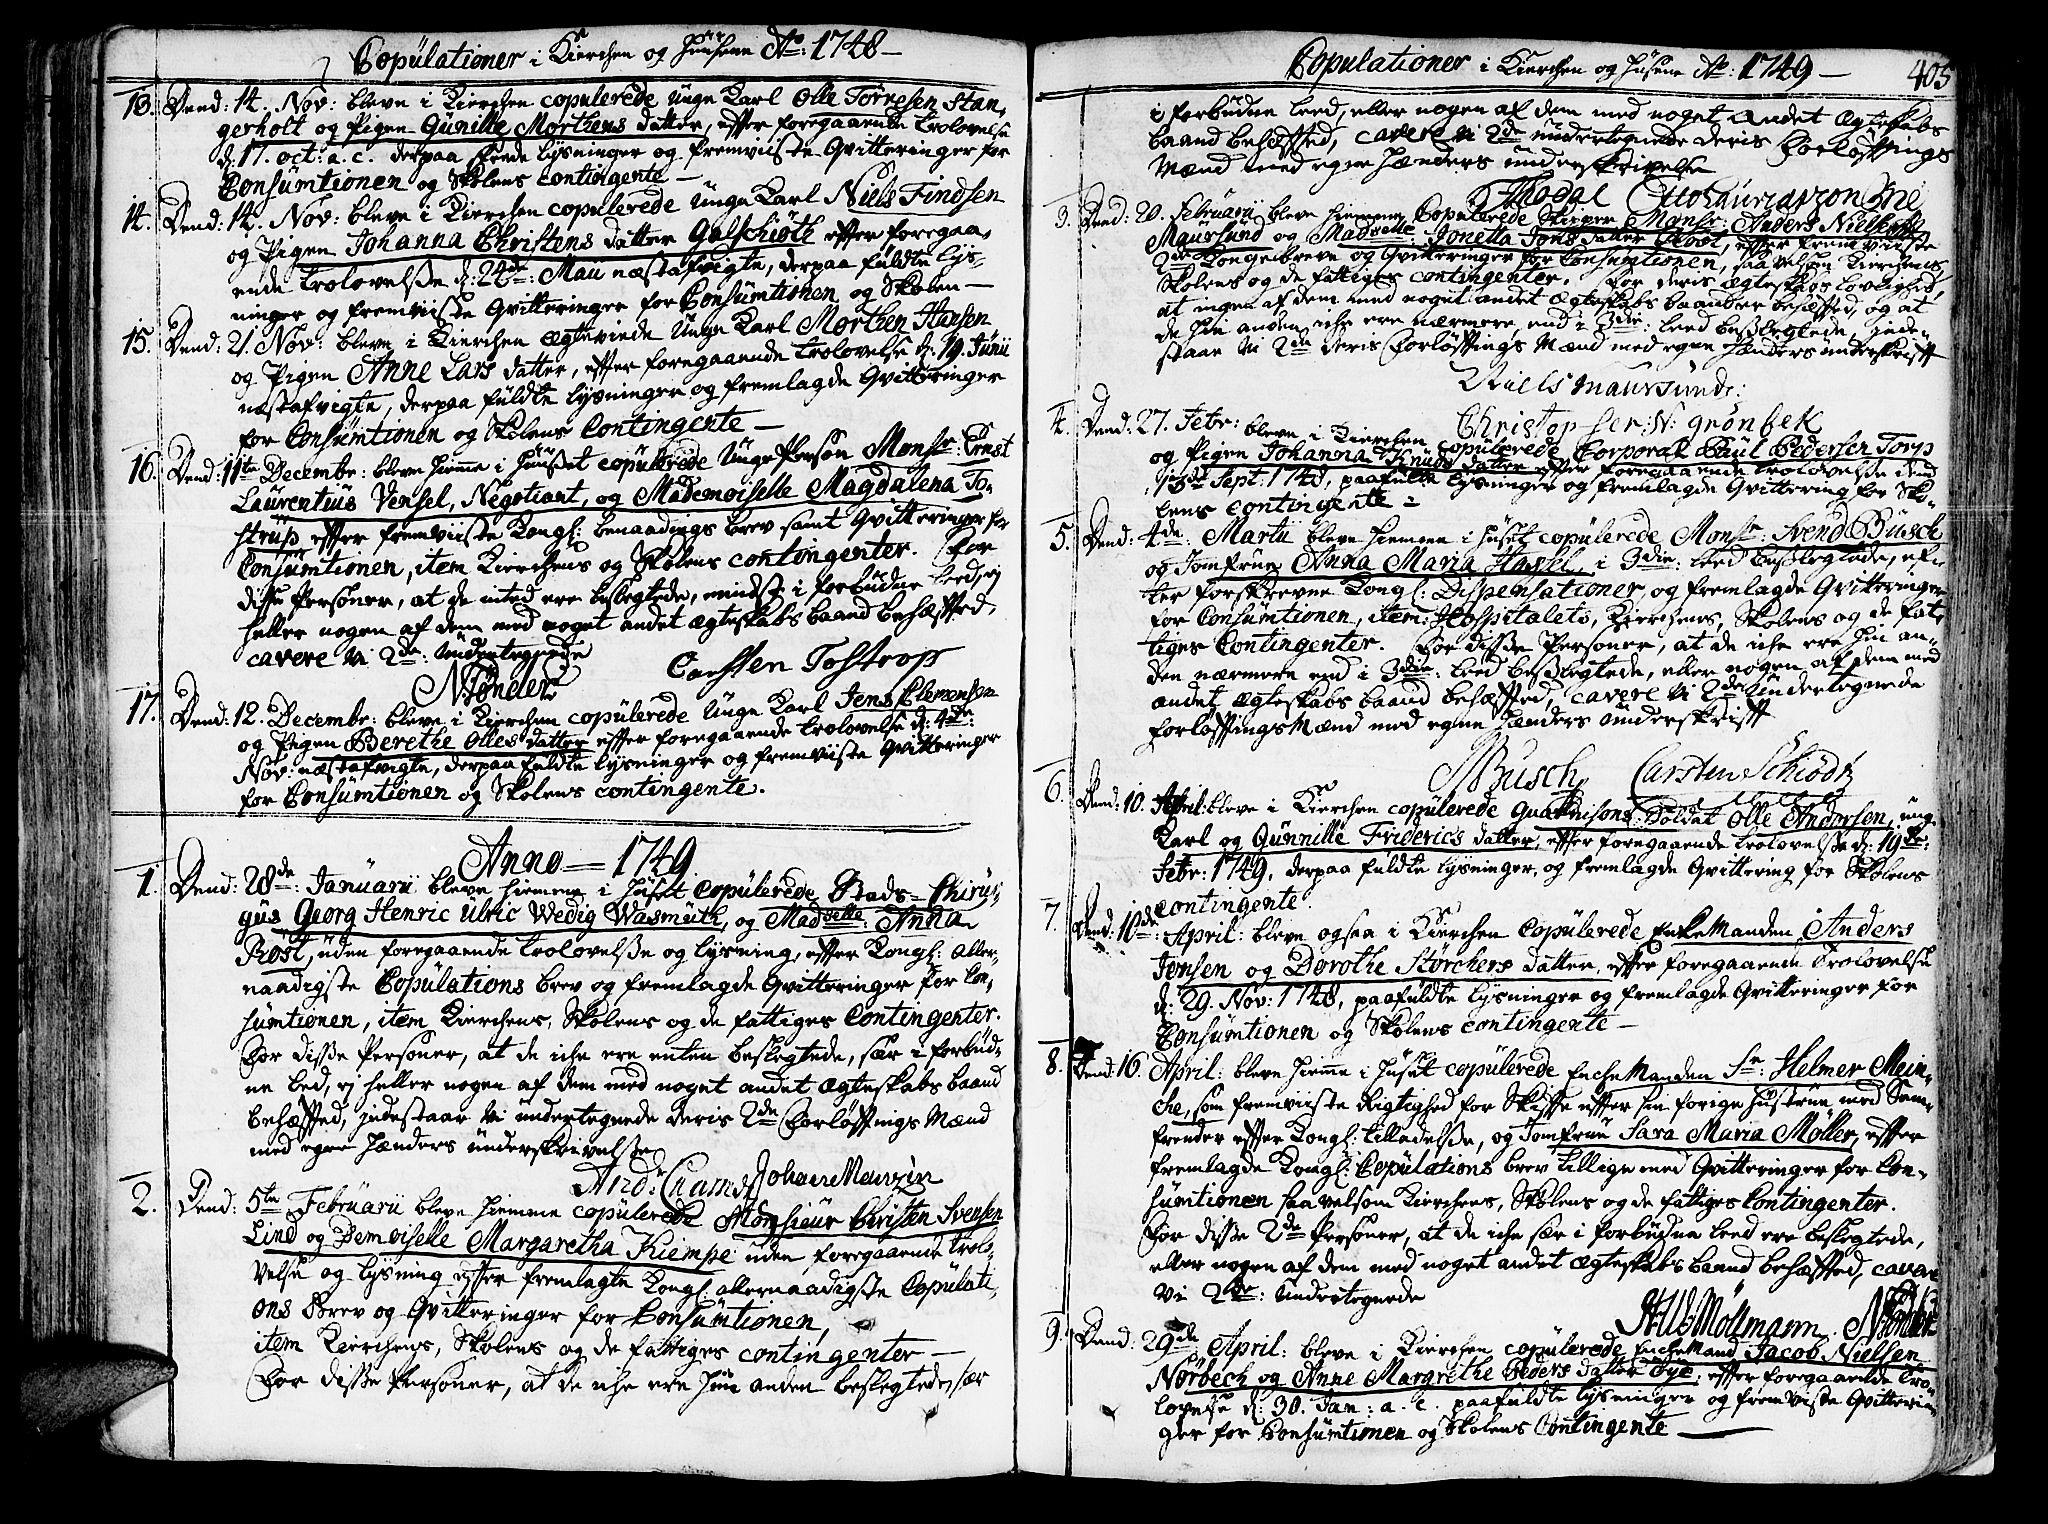 SAT, Ministerialprotokoller, klokkerbøker og fødselsregistre - Sør-Trøndelag, 602/L0103: Ministerialbok nr. 602A01, 1732-1774, s. 405